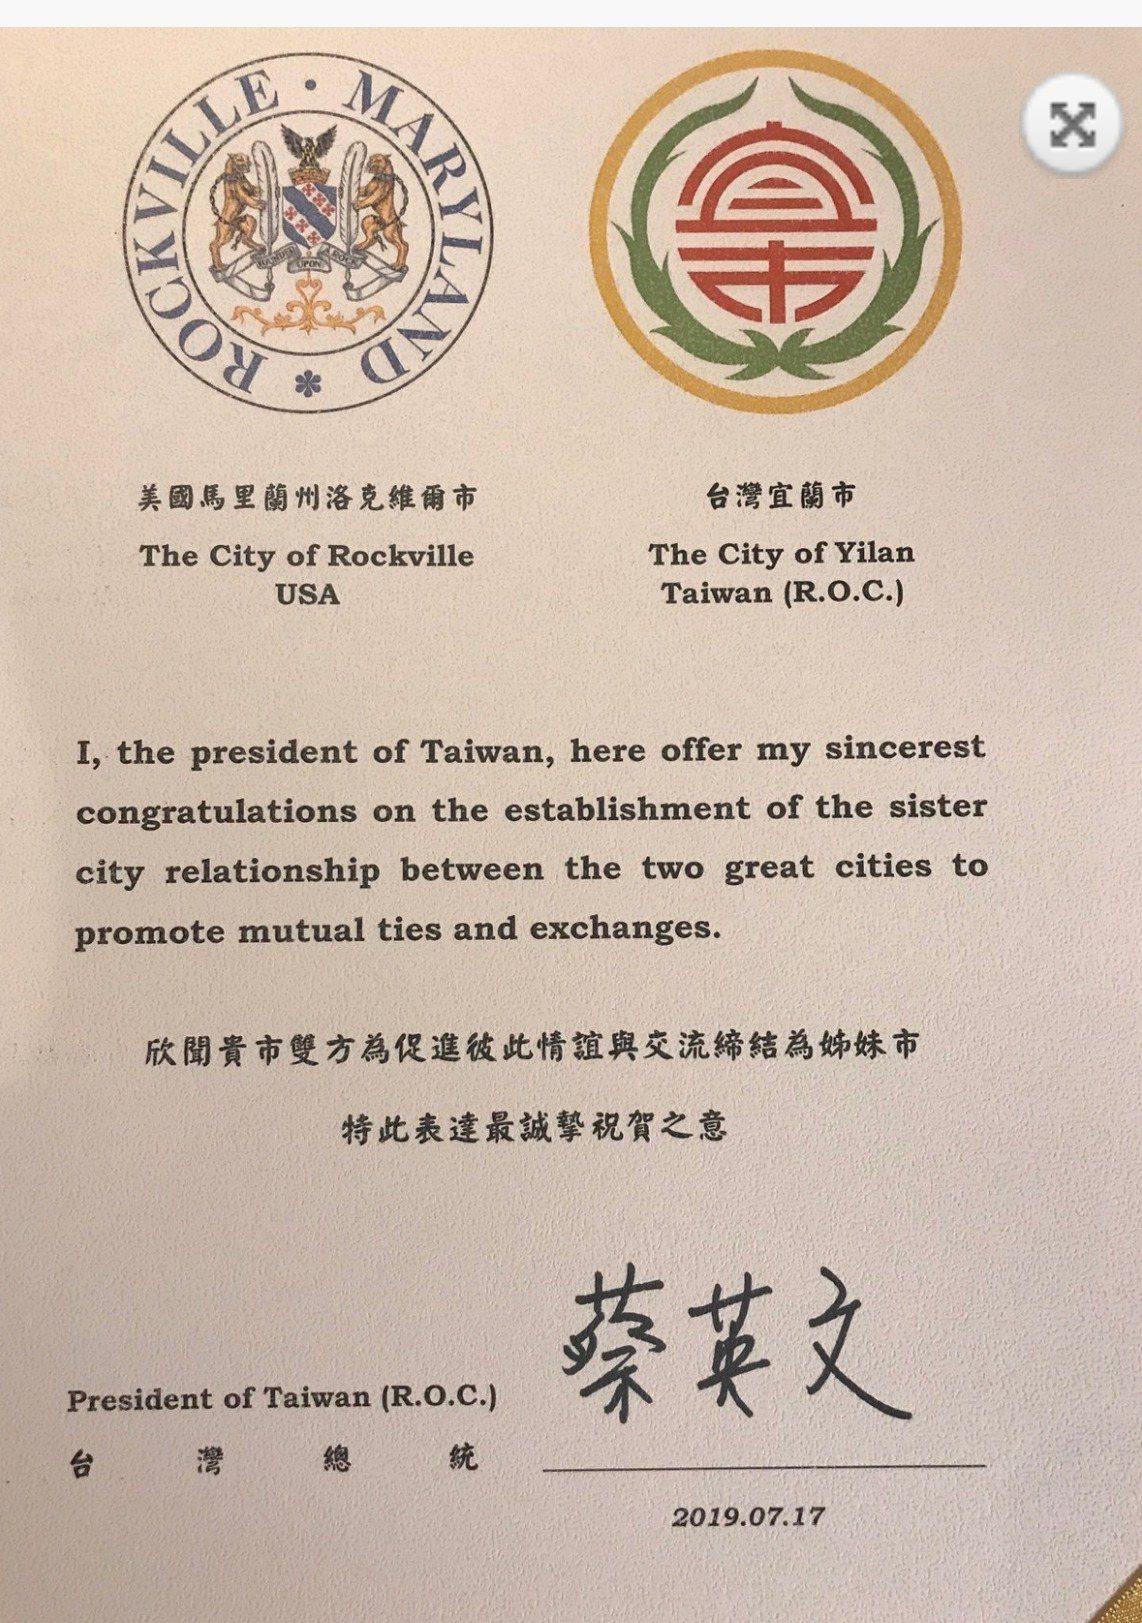 宜蘭市公所將與美國馬里蘭州洛克維爾市簽約締結姐妹市,但總統蔡英文在準備給對方的賀...